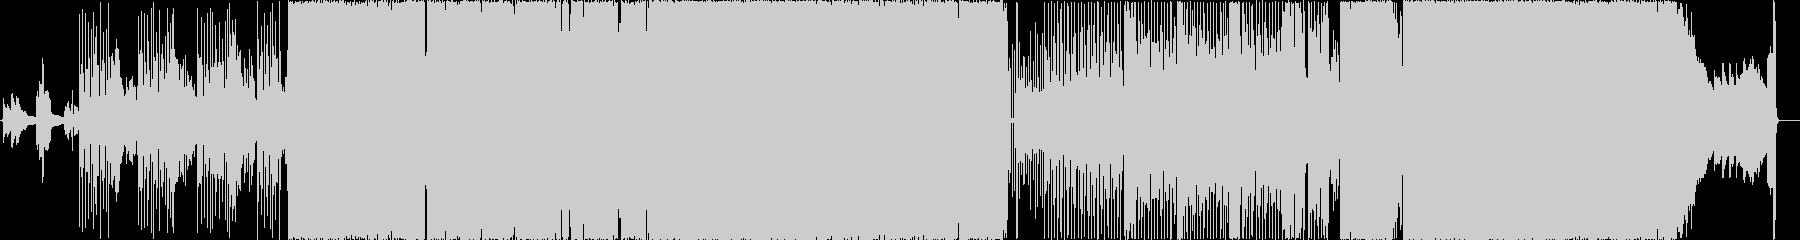 プールサイドガールの未再生の波形